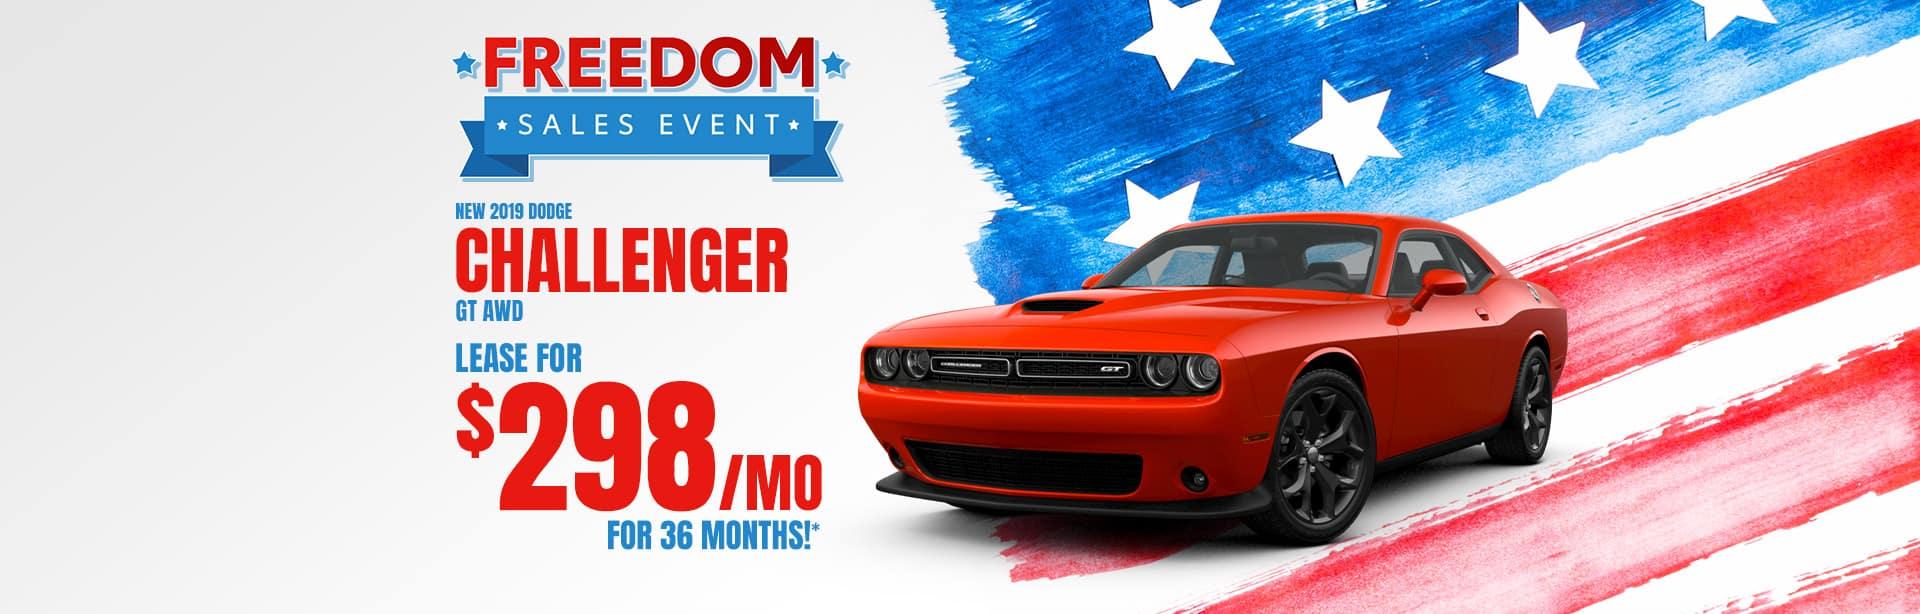 New Dodge Challenger Dealer near Fort Wayne, Indiana.